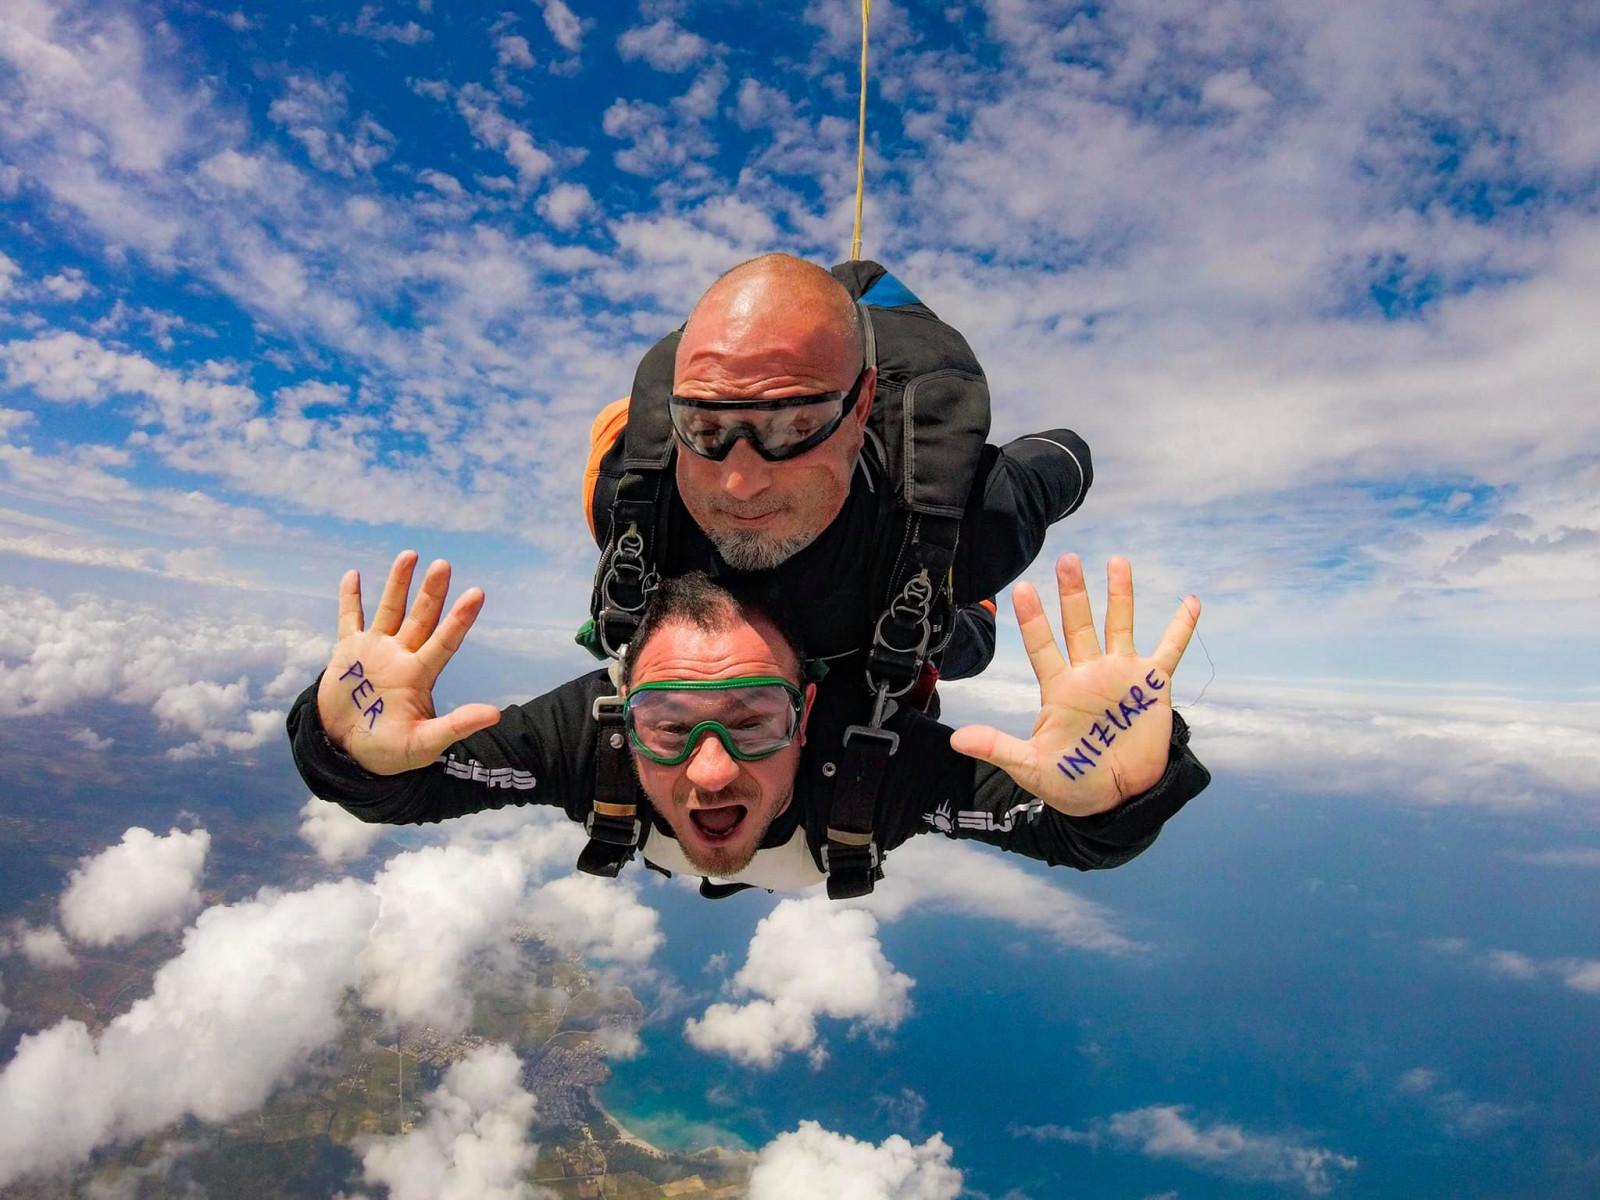 Lancio in tandem con paracadute in Salento